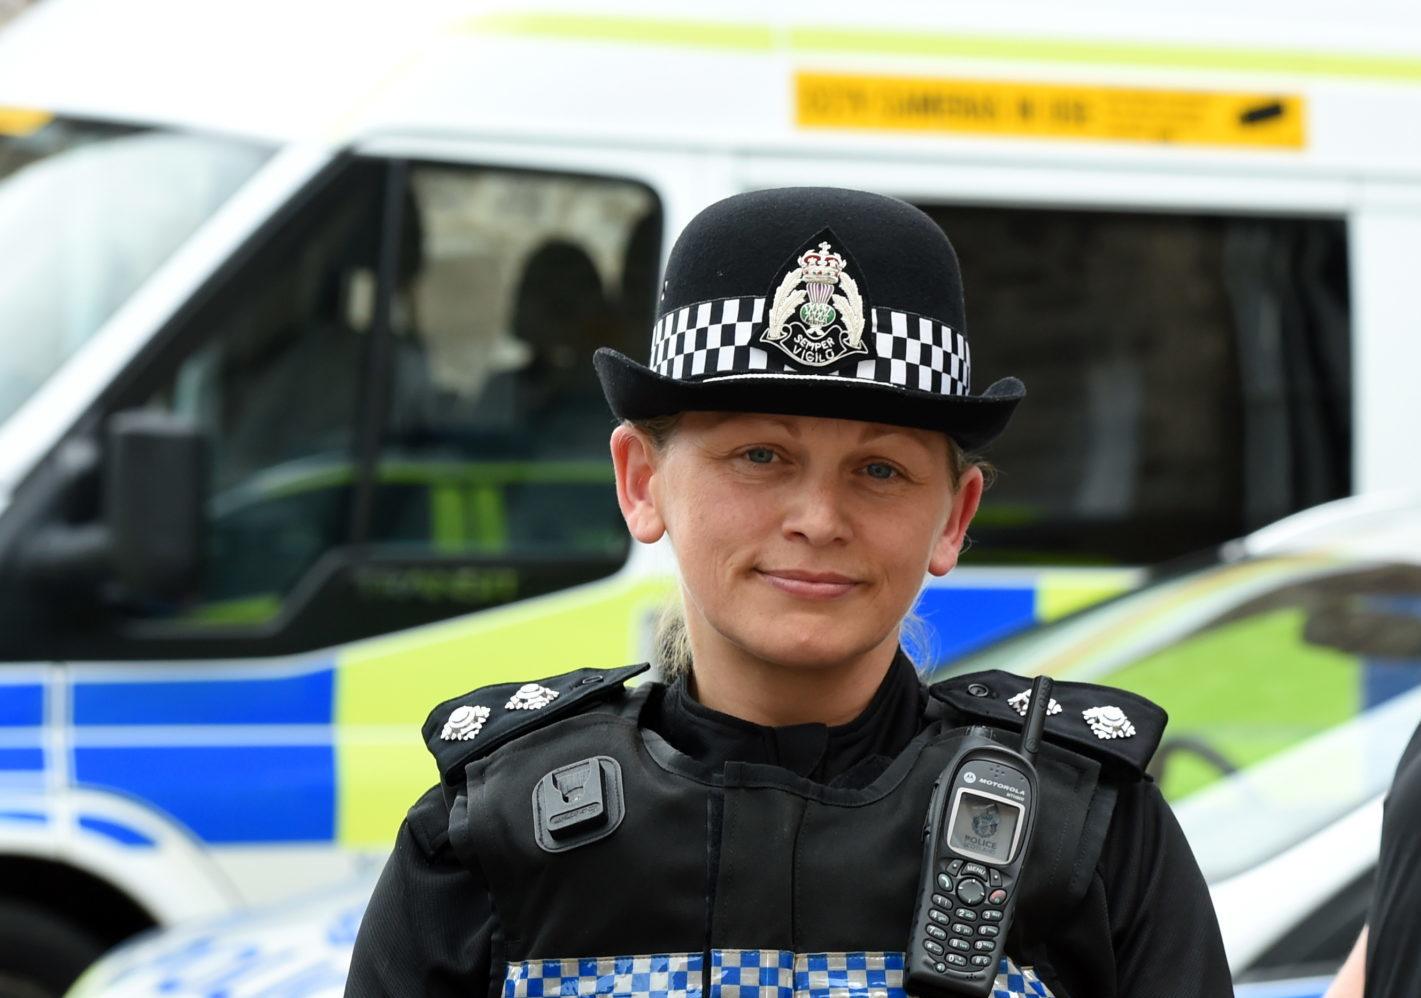 Detective Chief Inspector Finn McPhail